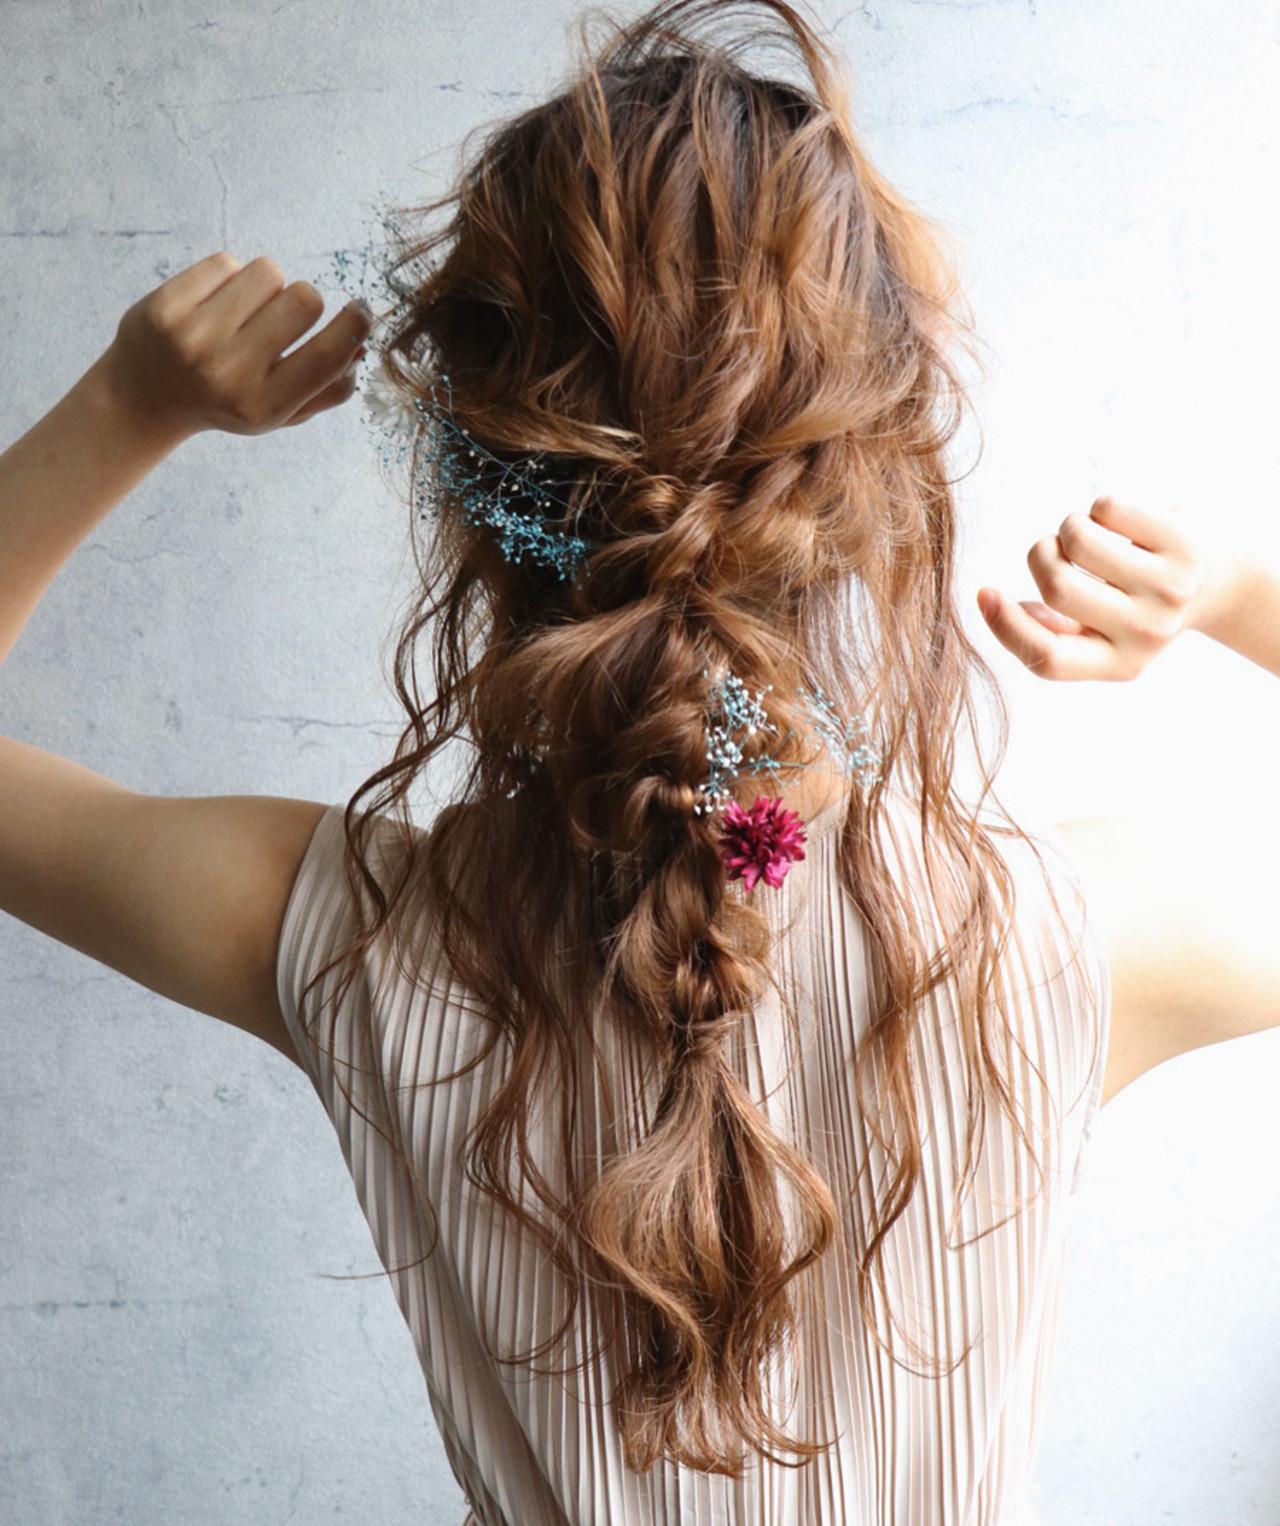 ロング 編みおろし 結婚式ヘアアレンジ フェミニン ヘアスタイルや髪型の写真・画像